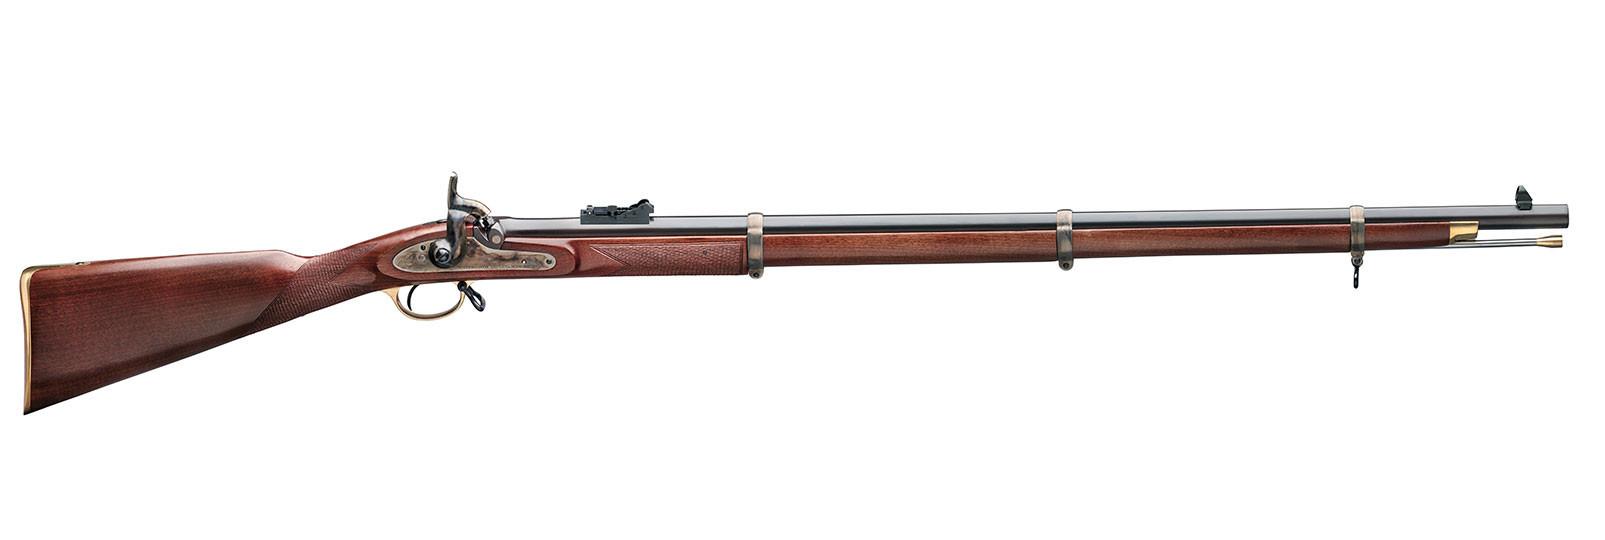 Fucile Whitworth Rifle